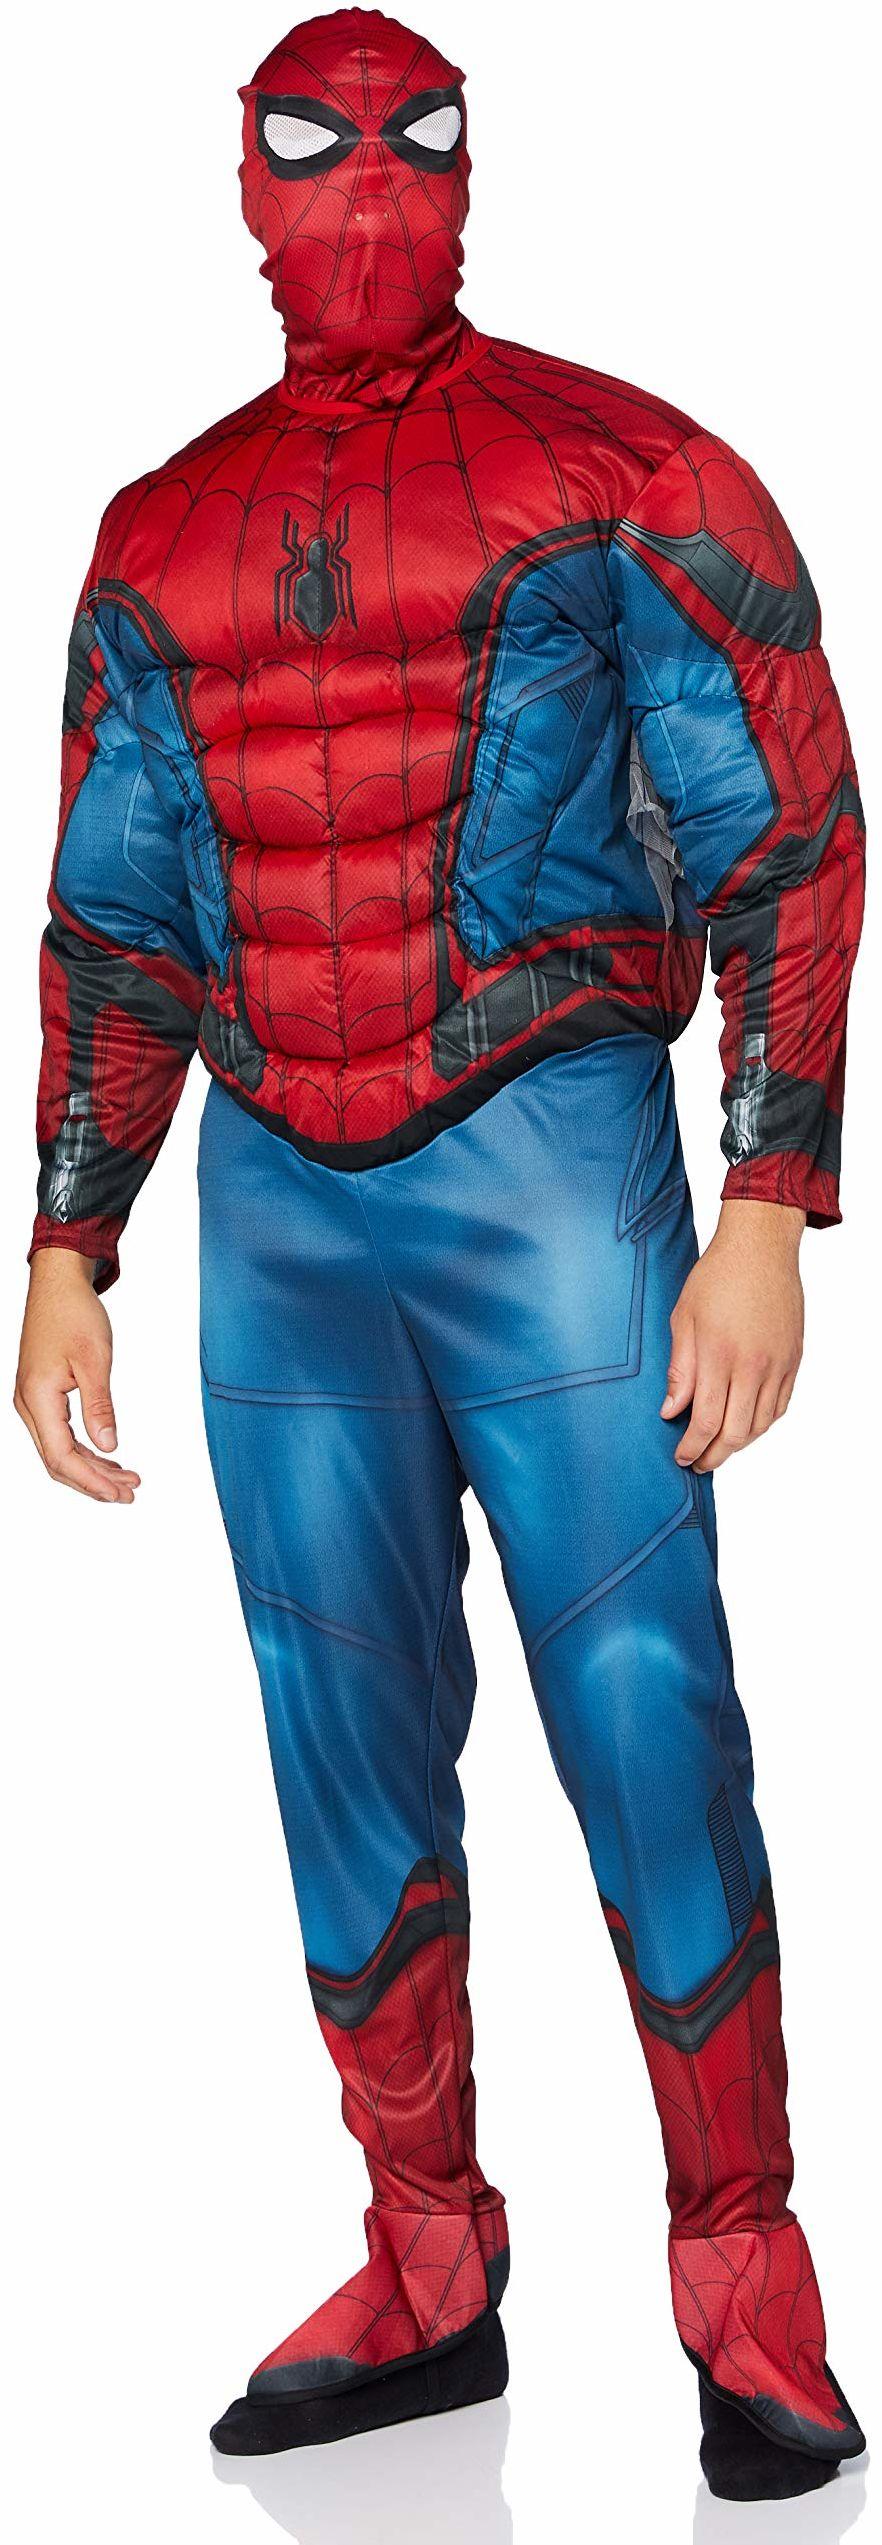 Rubie''s Official Disney Marvel Spider-Man kostium na powrót do domu dla dorosłych, ''Sweats'' luksusowy design, rozmiar dla dorosłych standardowy